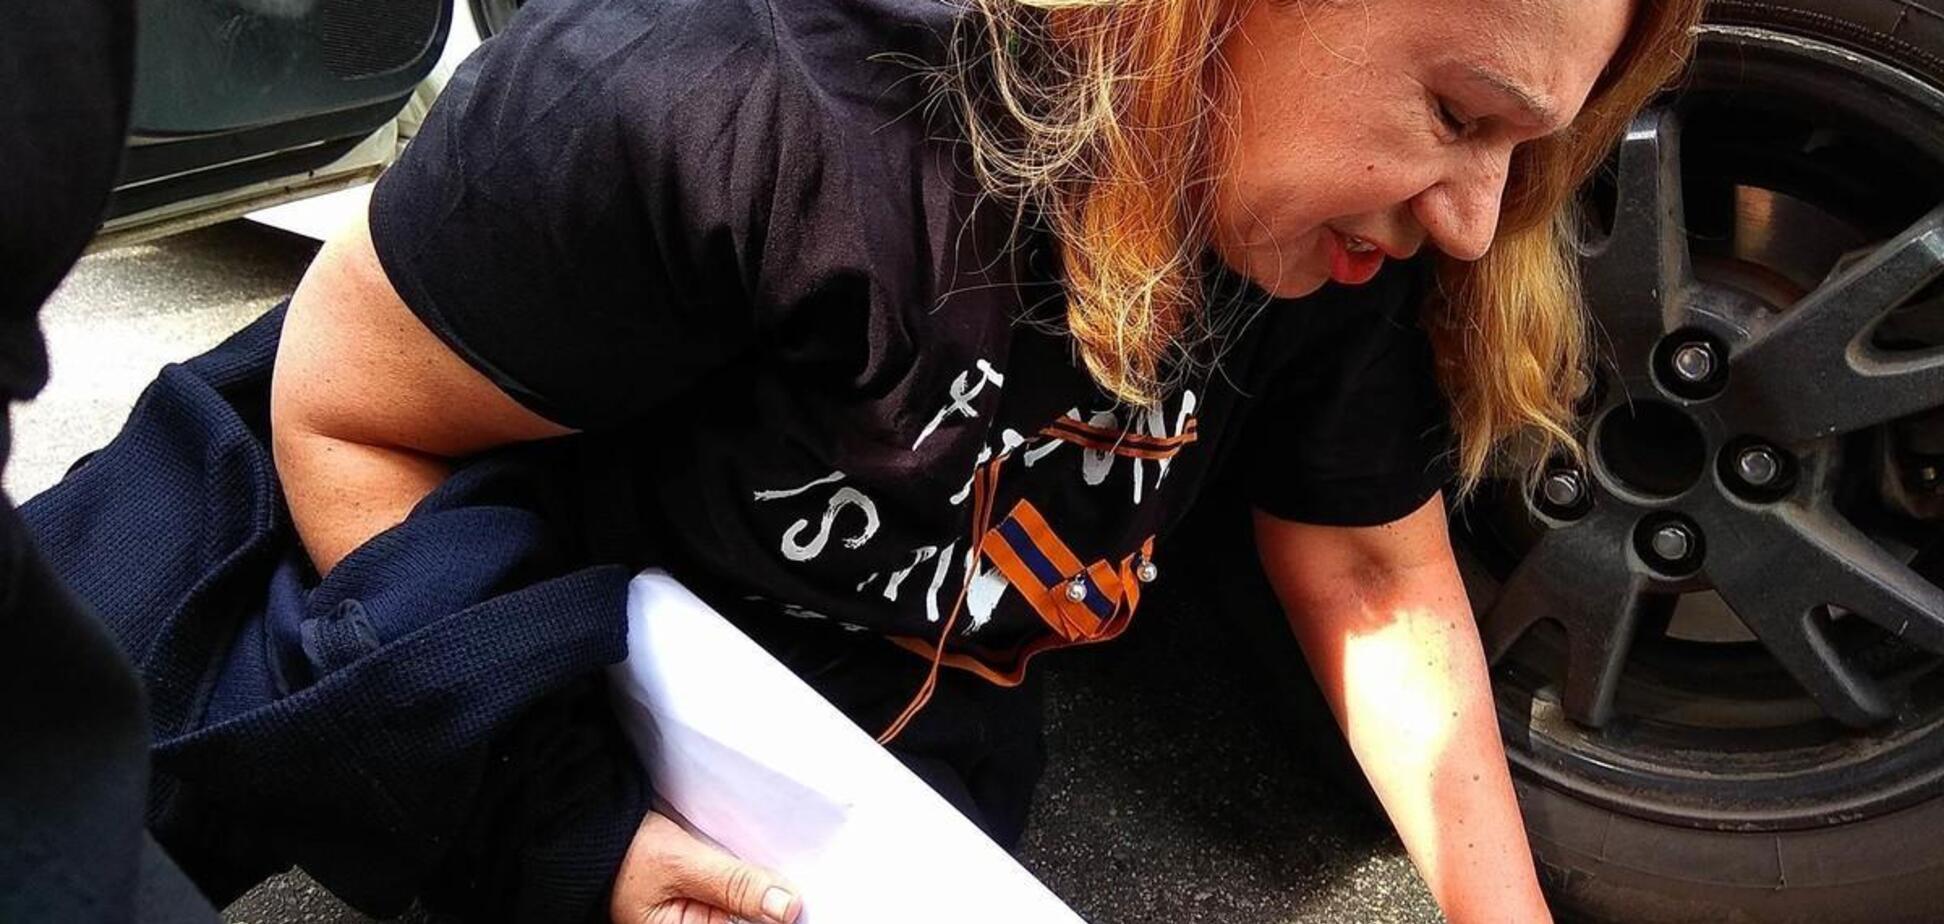 Повалили на підлогу і били: мати Бережної розповіла про затримання 9 травня